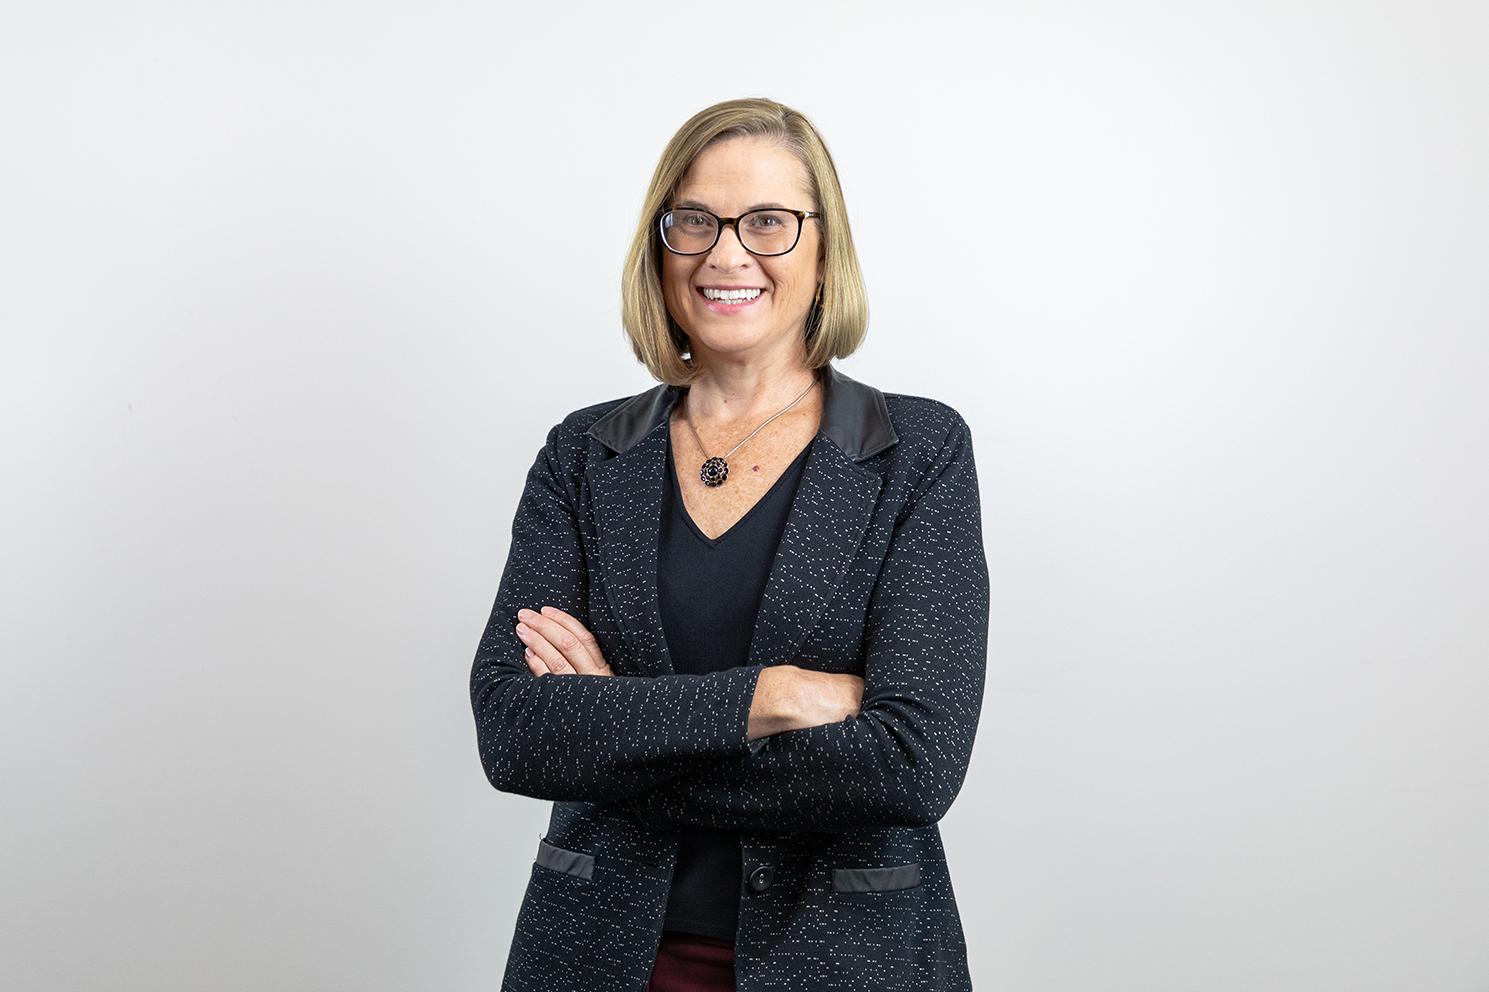 Deborah Walden